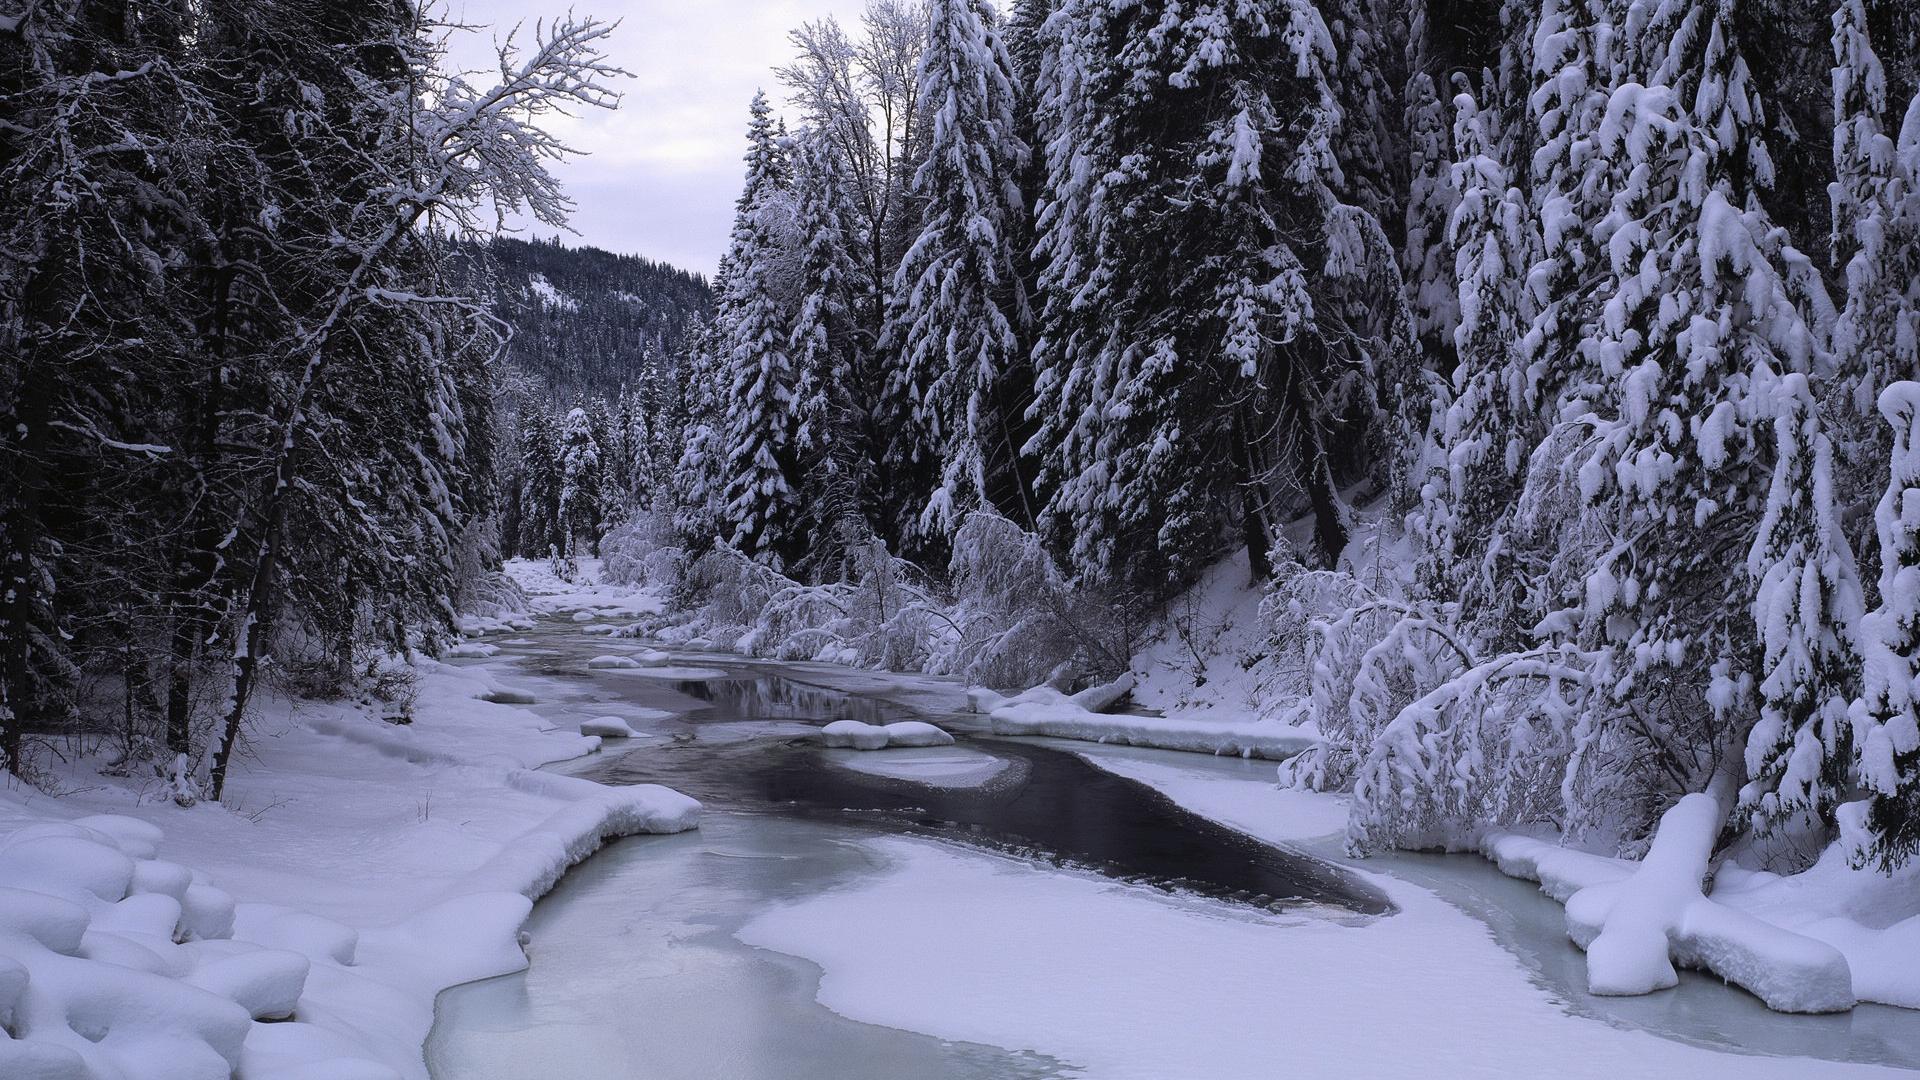 snow landscape backgrounds - photo #8